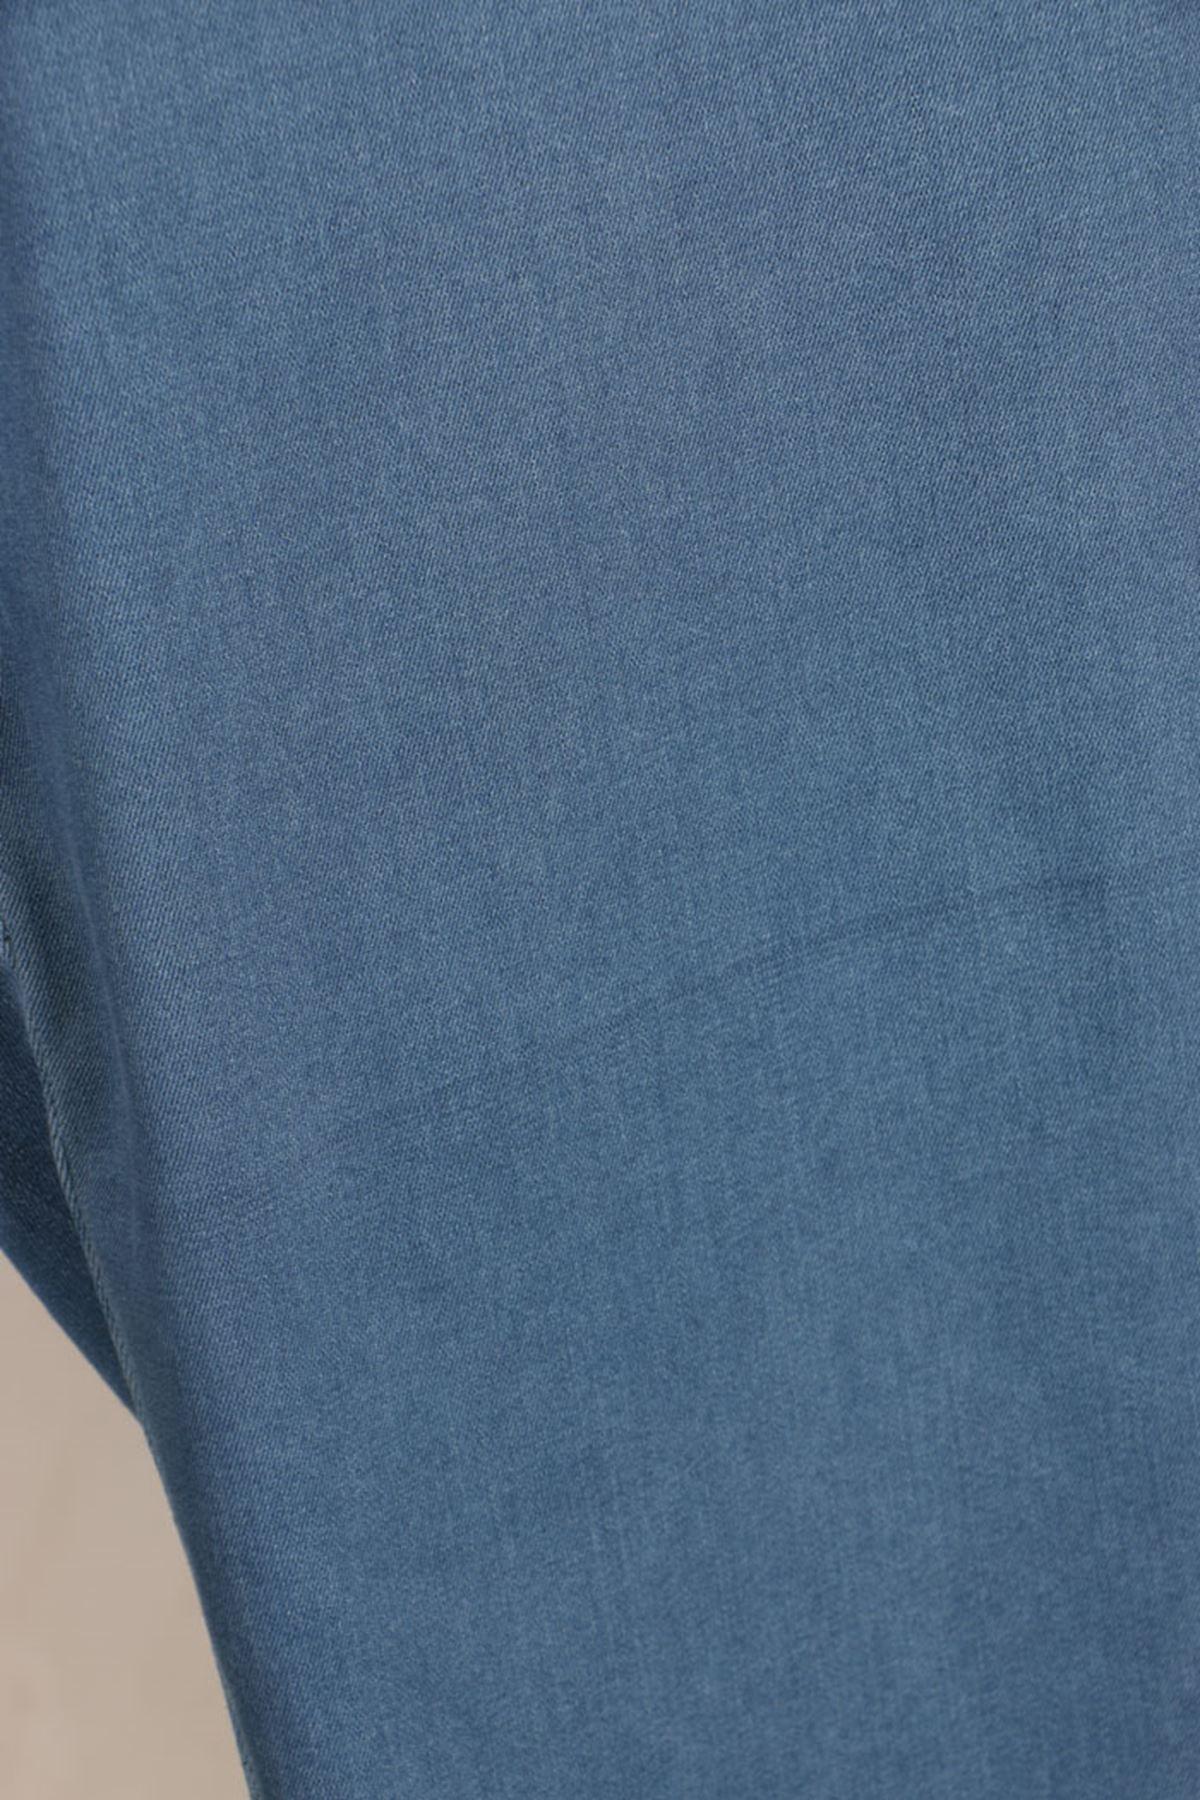 D-9121-1 Büyük Beden Defolu Beli Lastikli Dar Paça Kot Pantolon - Açık Mavi